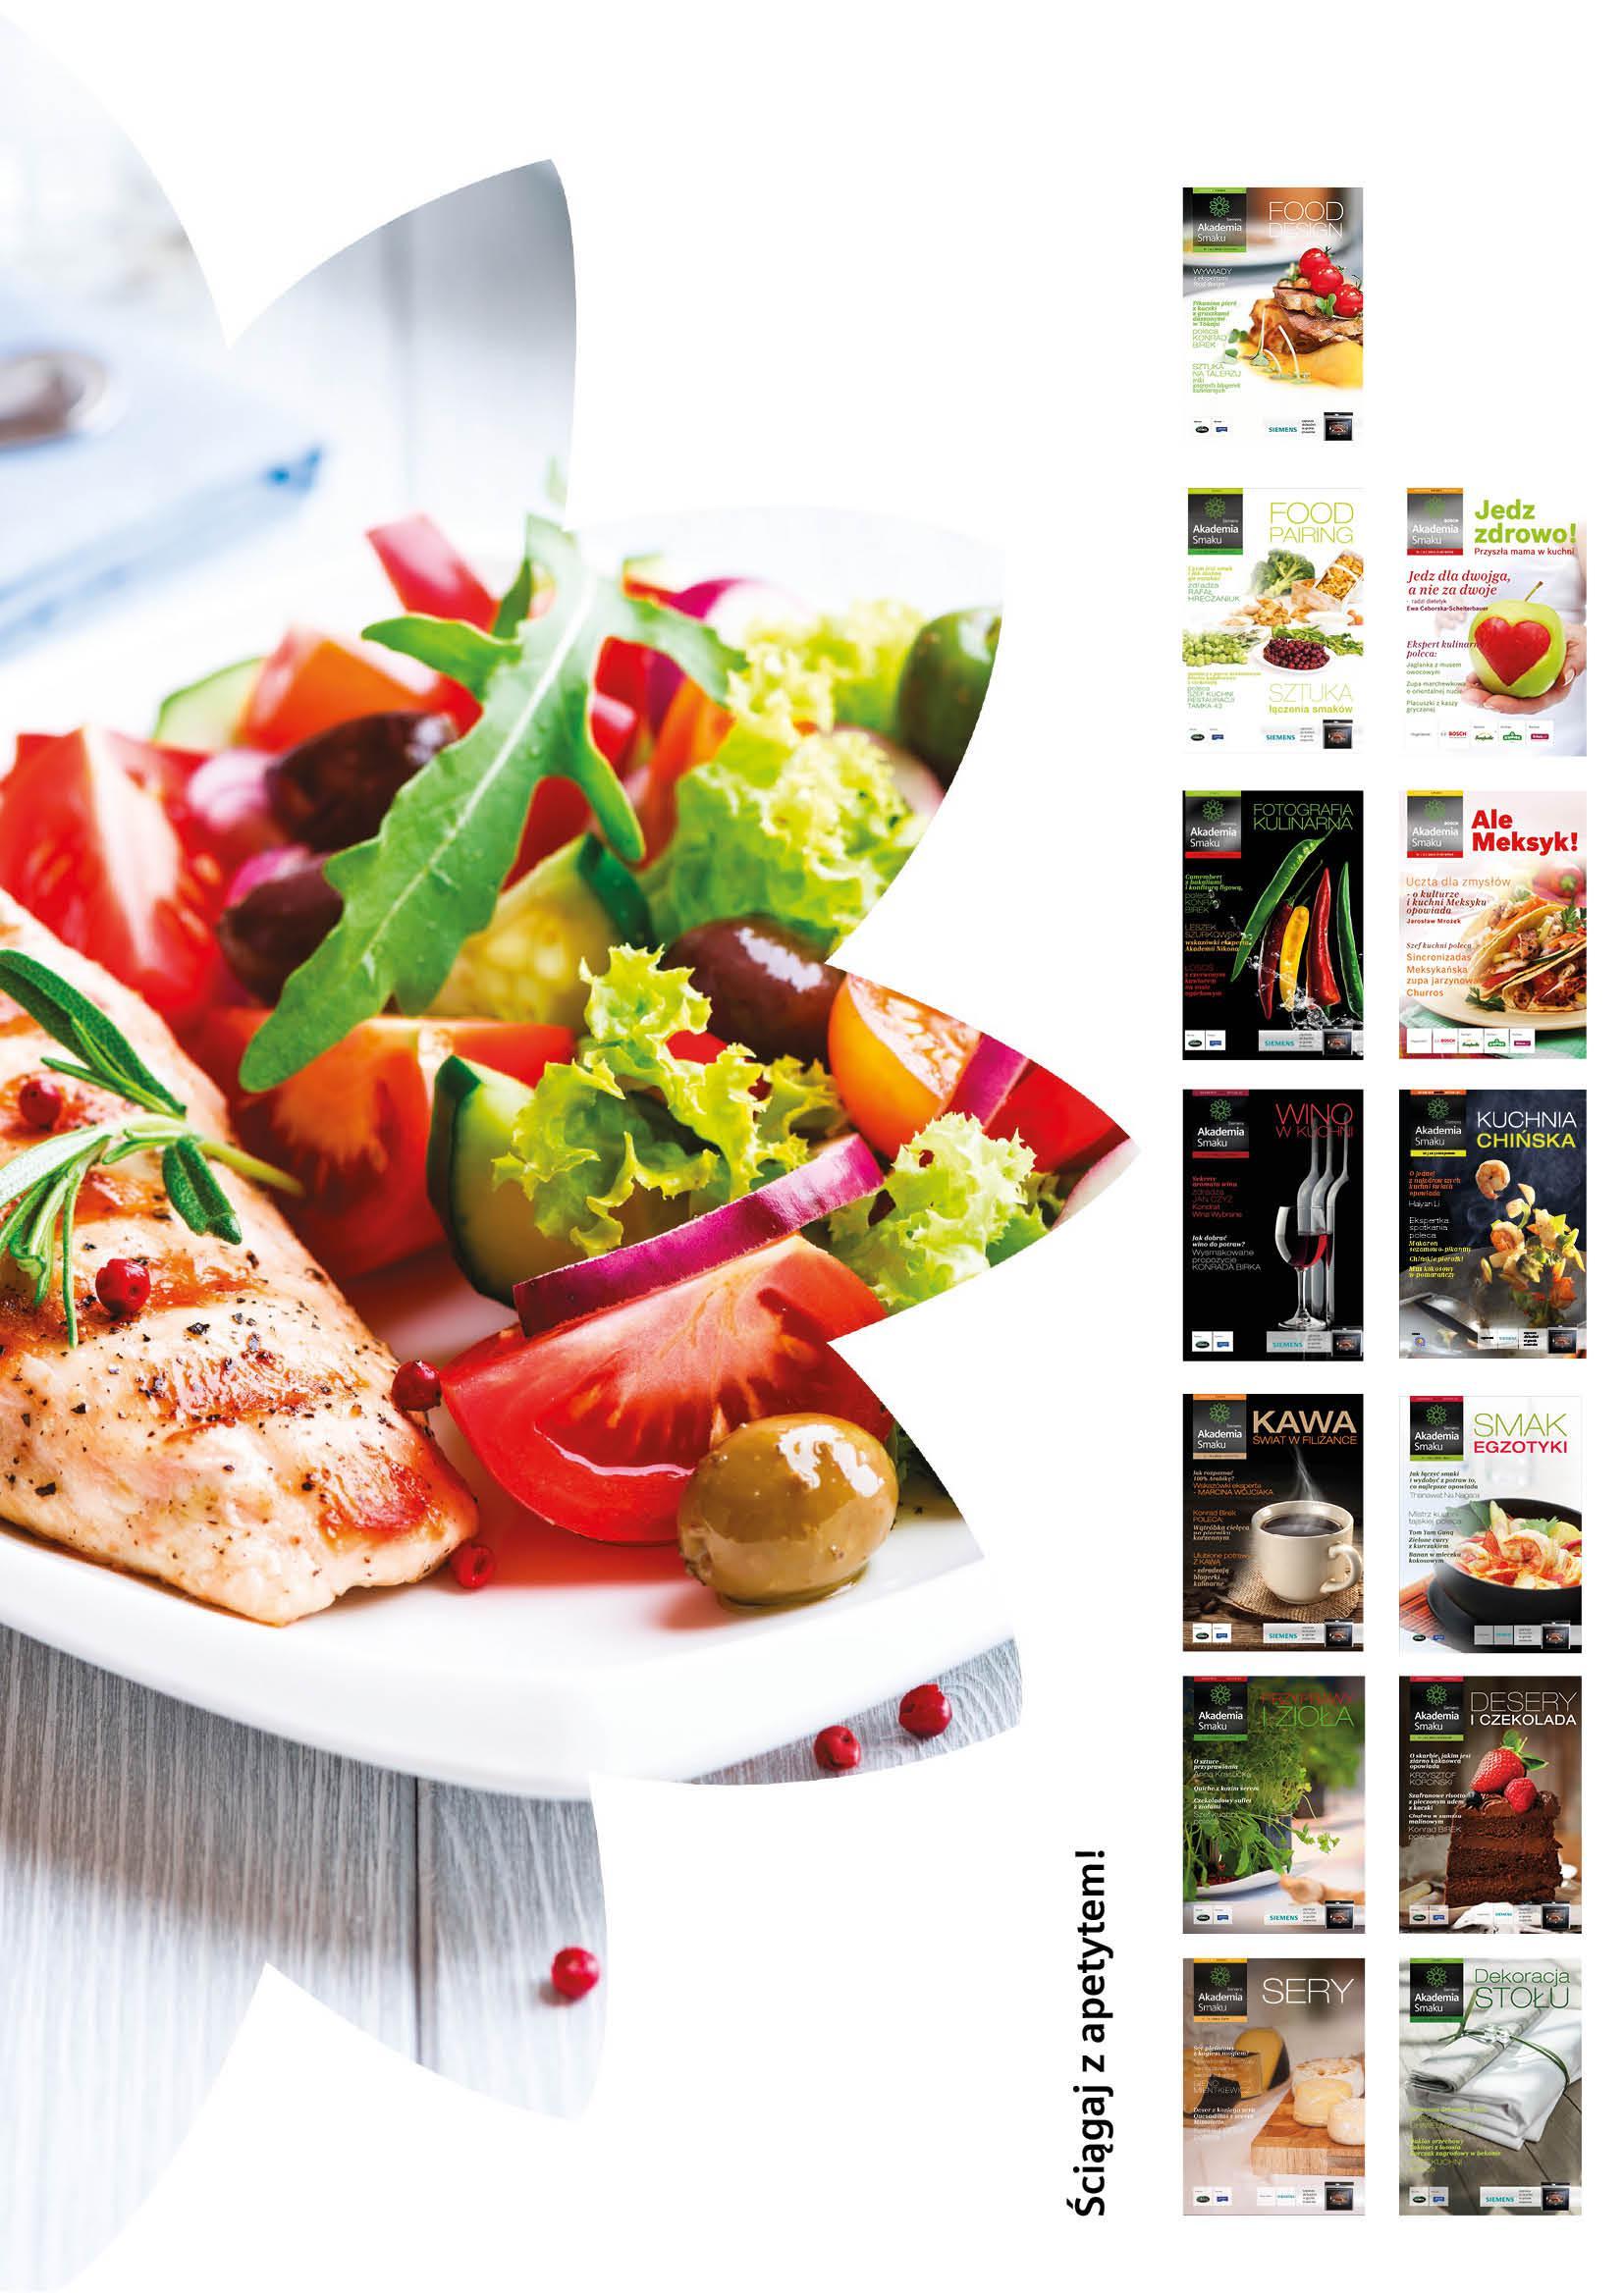 Kuchnia w parze ze zdrowiem - Strona 2